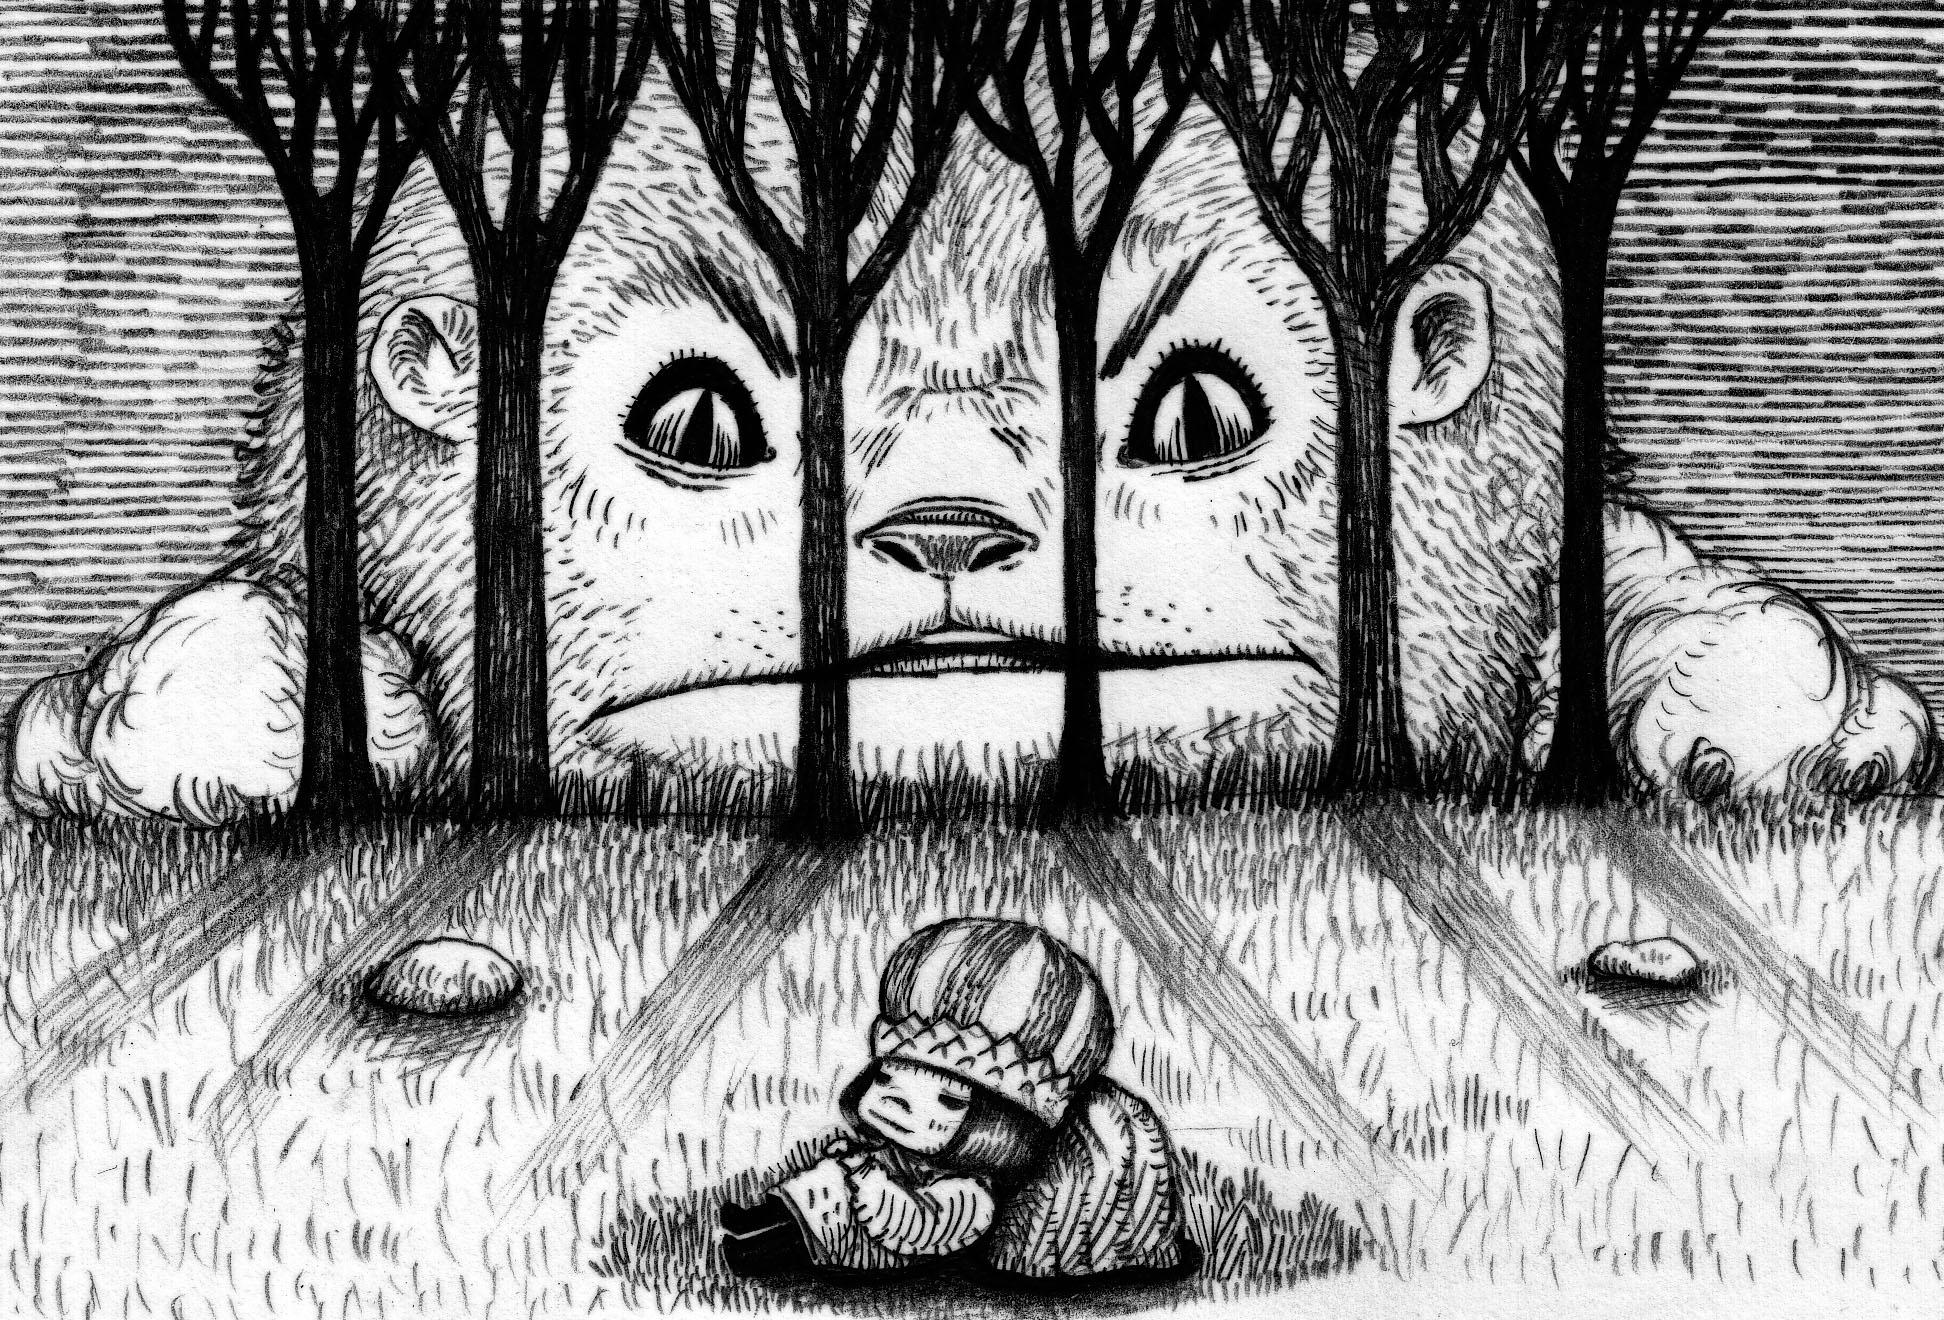 12) เจ้าชายล้มตัวลงนอนพัก สิงโตมองผู้บุกรุก